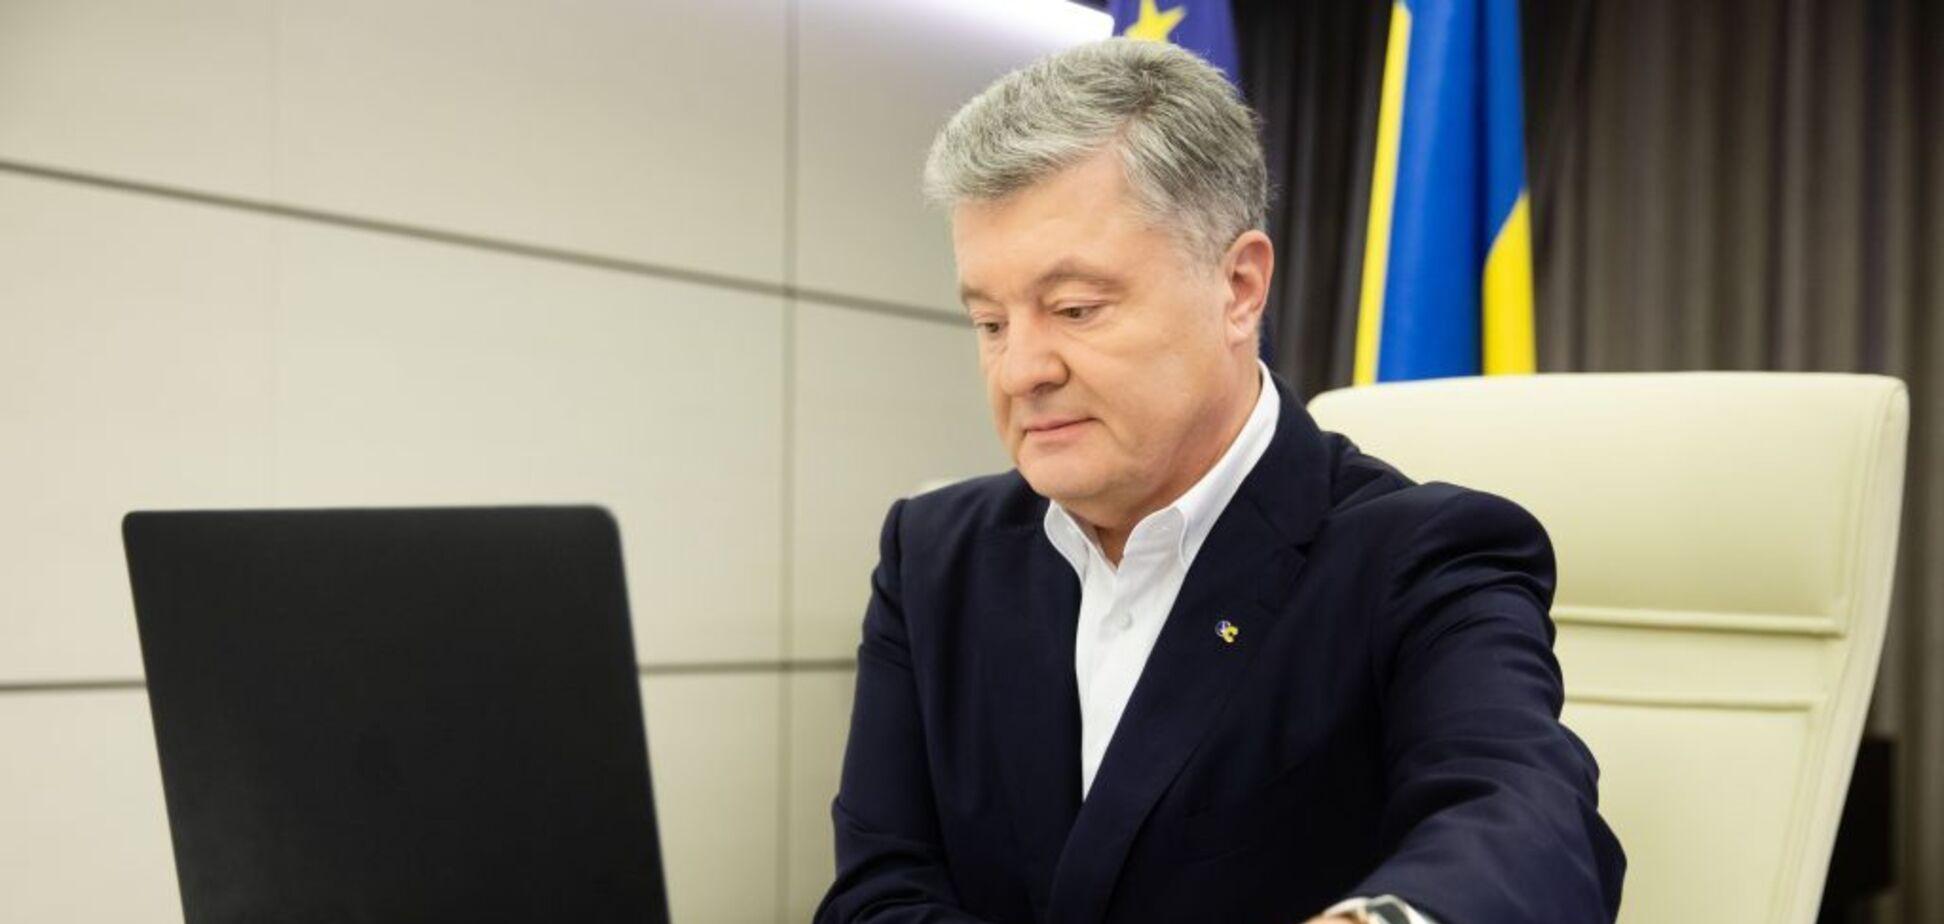 Петро Порошенко застеріг владу від контролю над Конституційним Судом